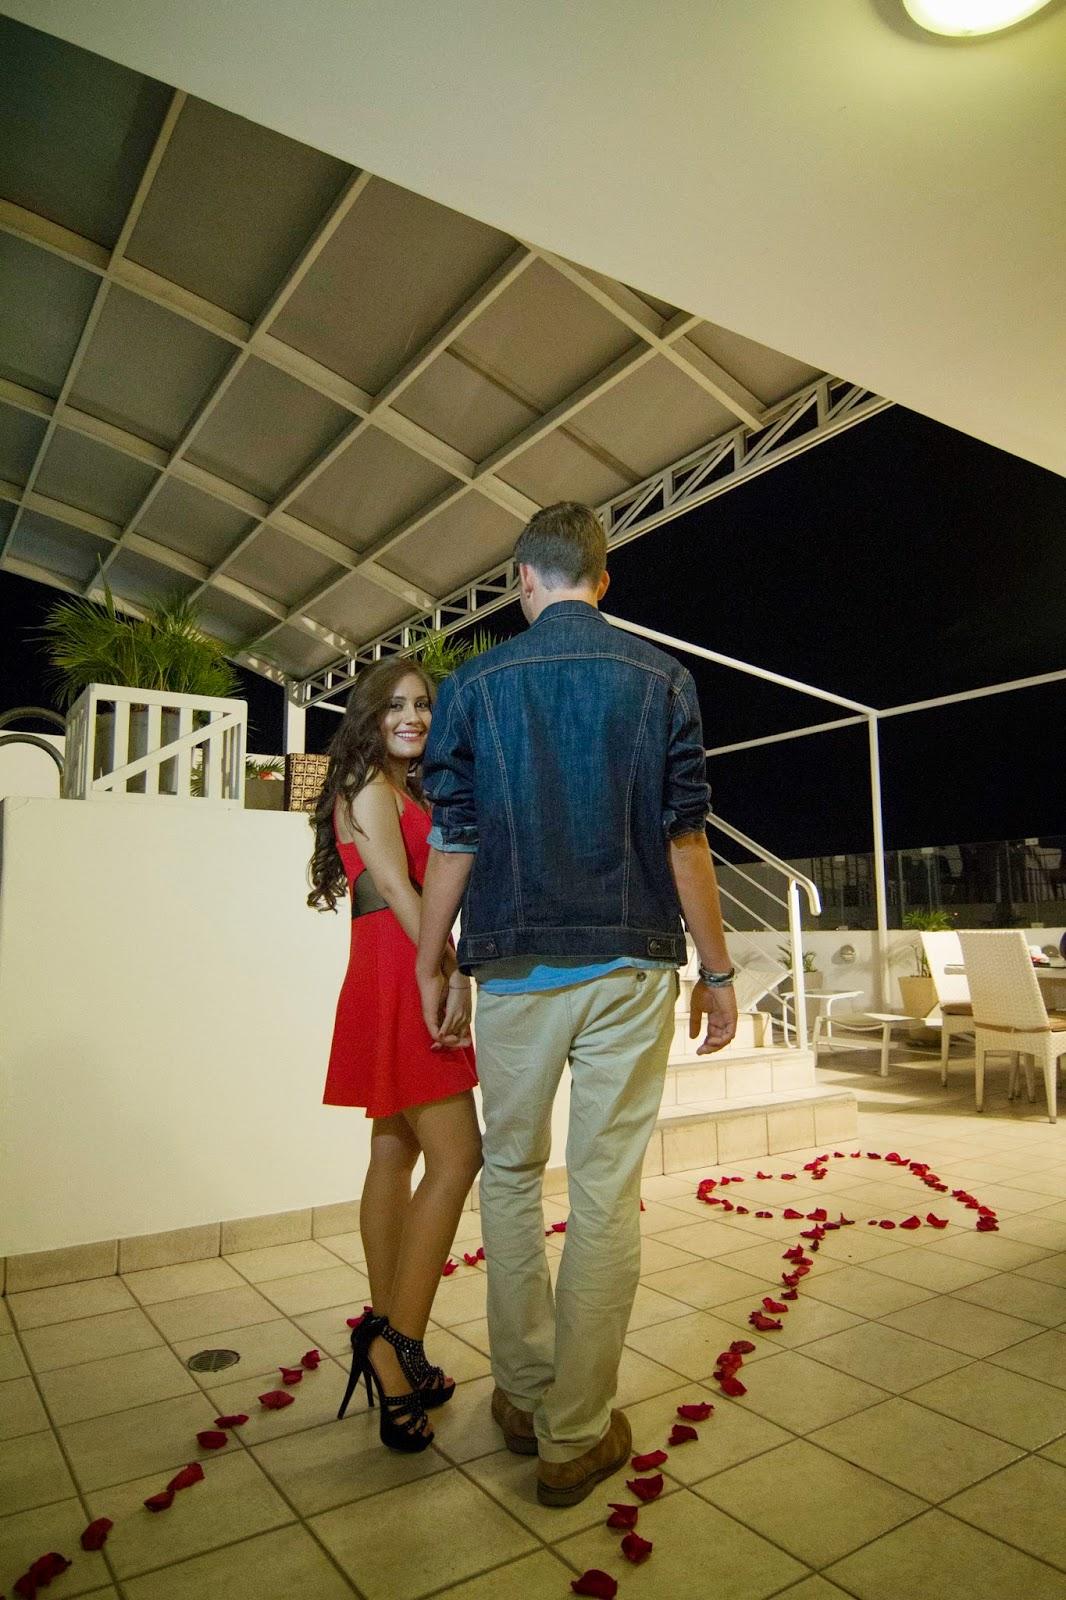 Una cena rom ntica en el hotel costa del sol chiclayo - Como sorprender a mi pareja en su cumpleanos ...